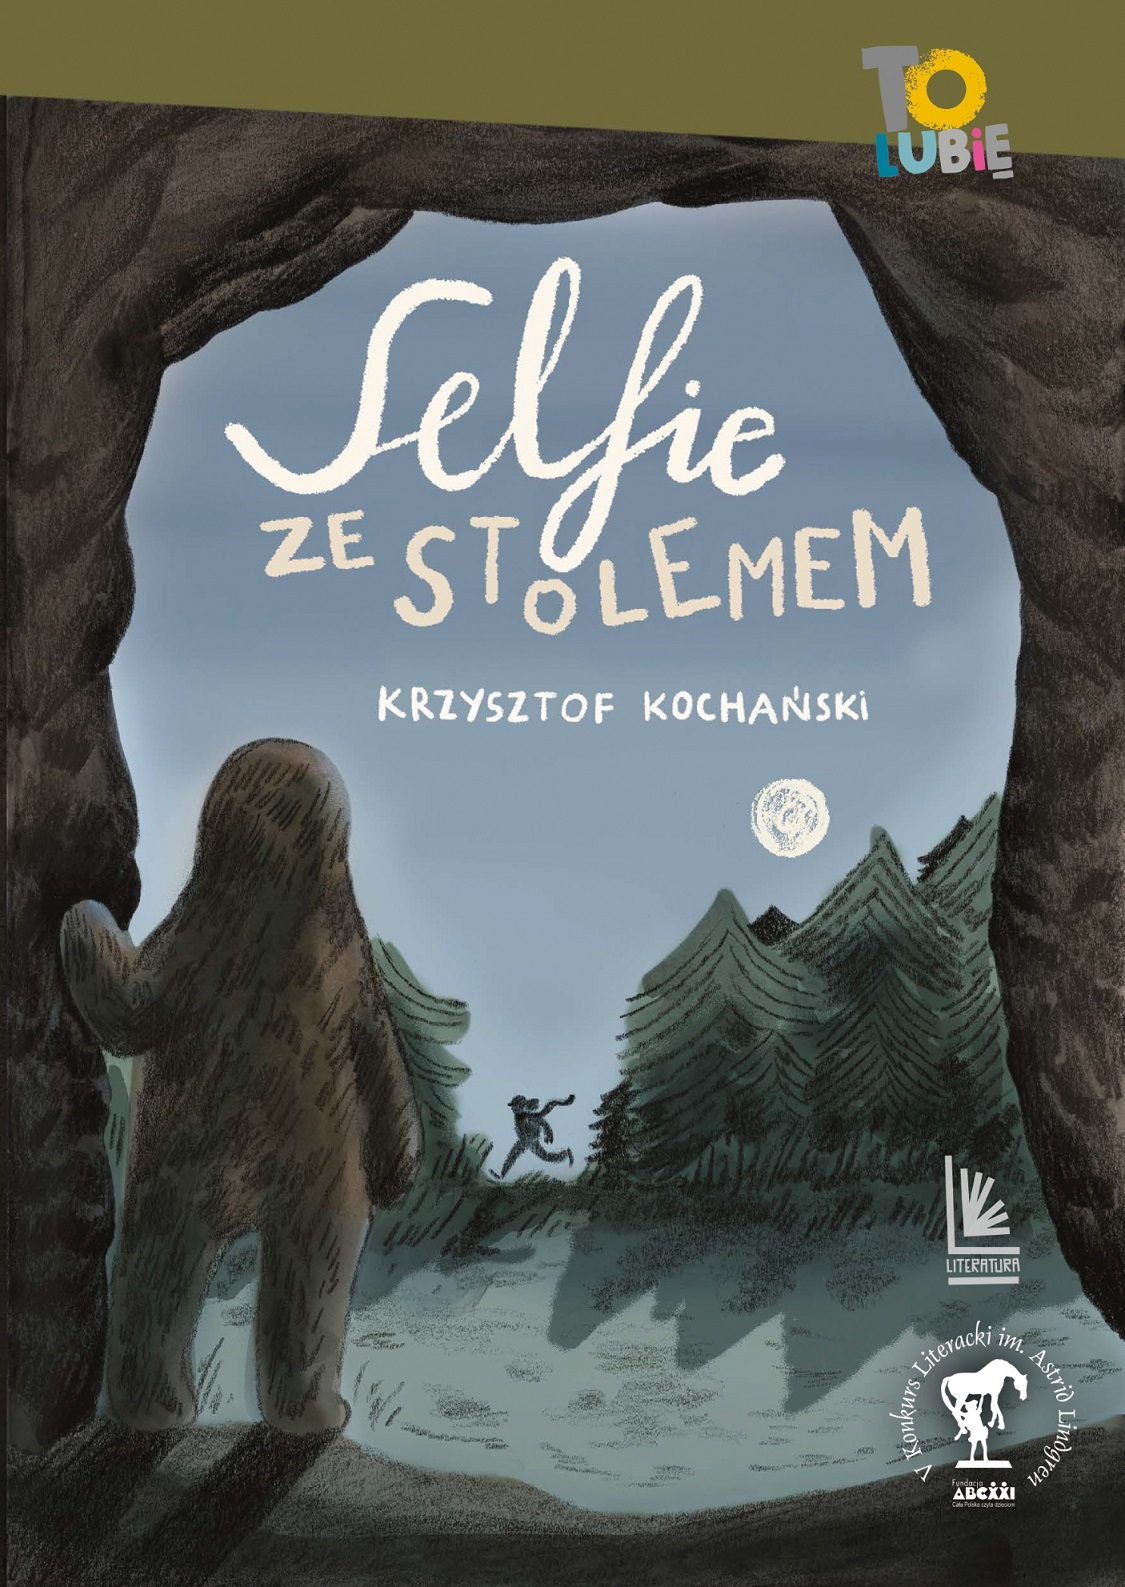 Selfie ze stolemem - nagrodzona książka dla dzieci